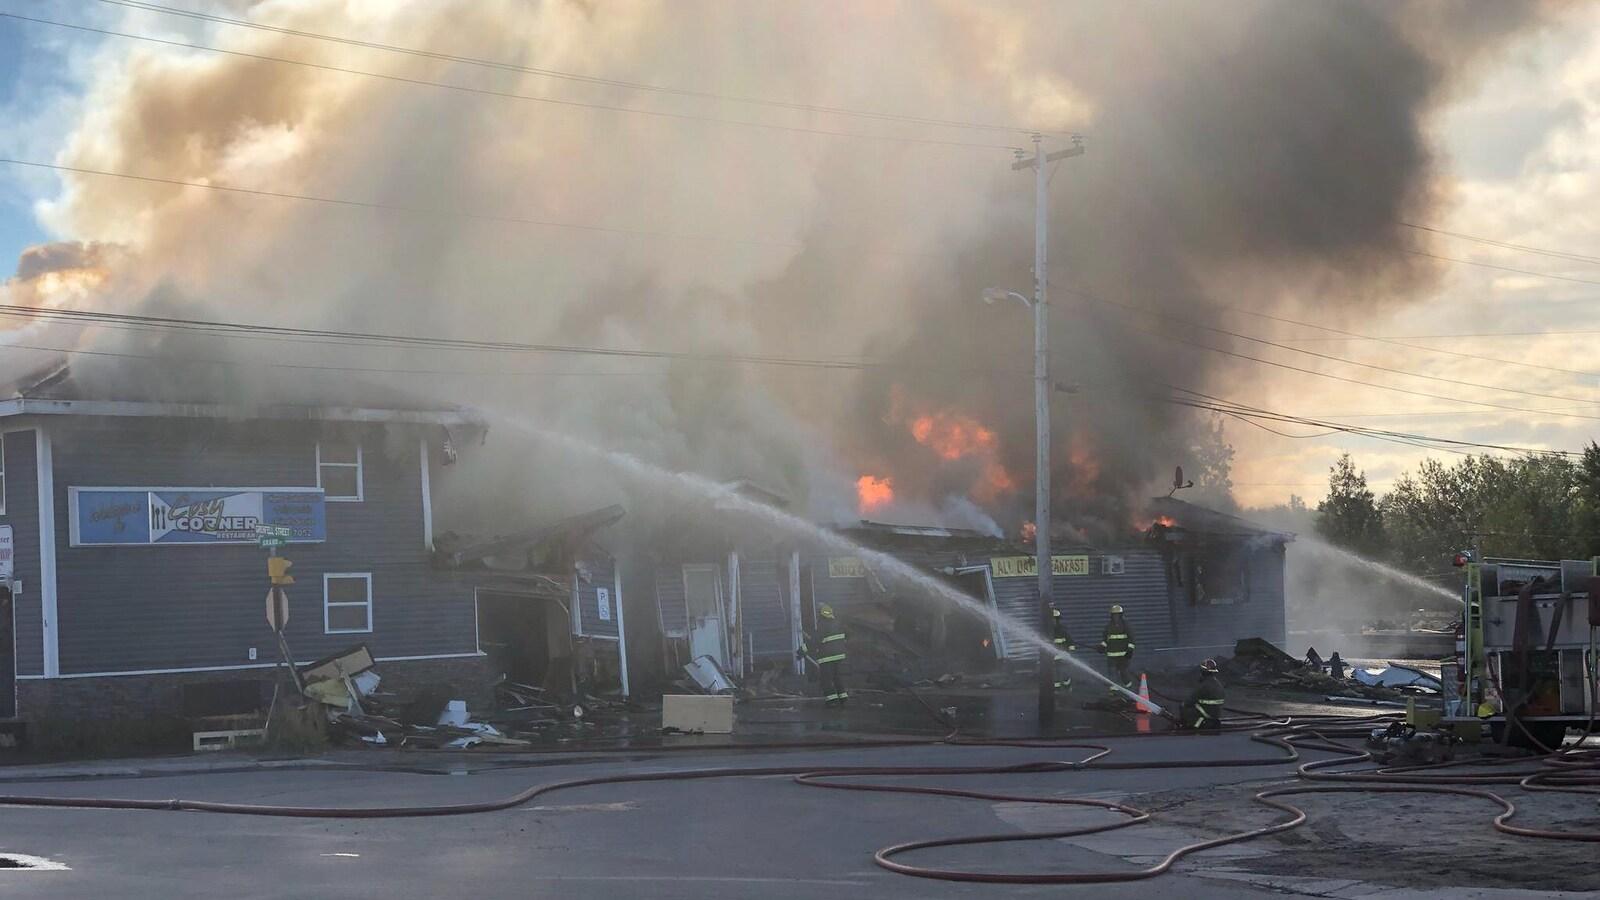 Des pompiers combattent un feu dans un restaurant.